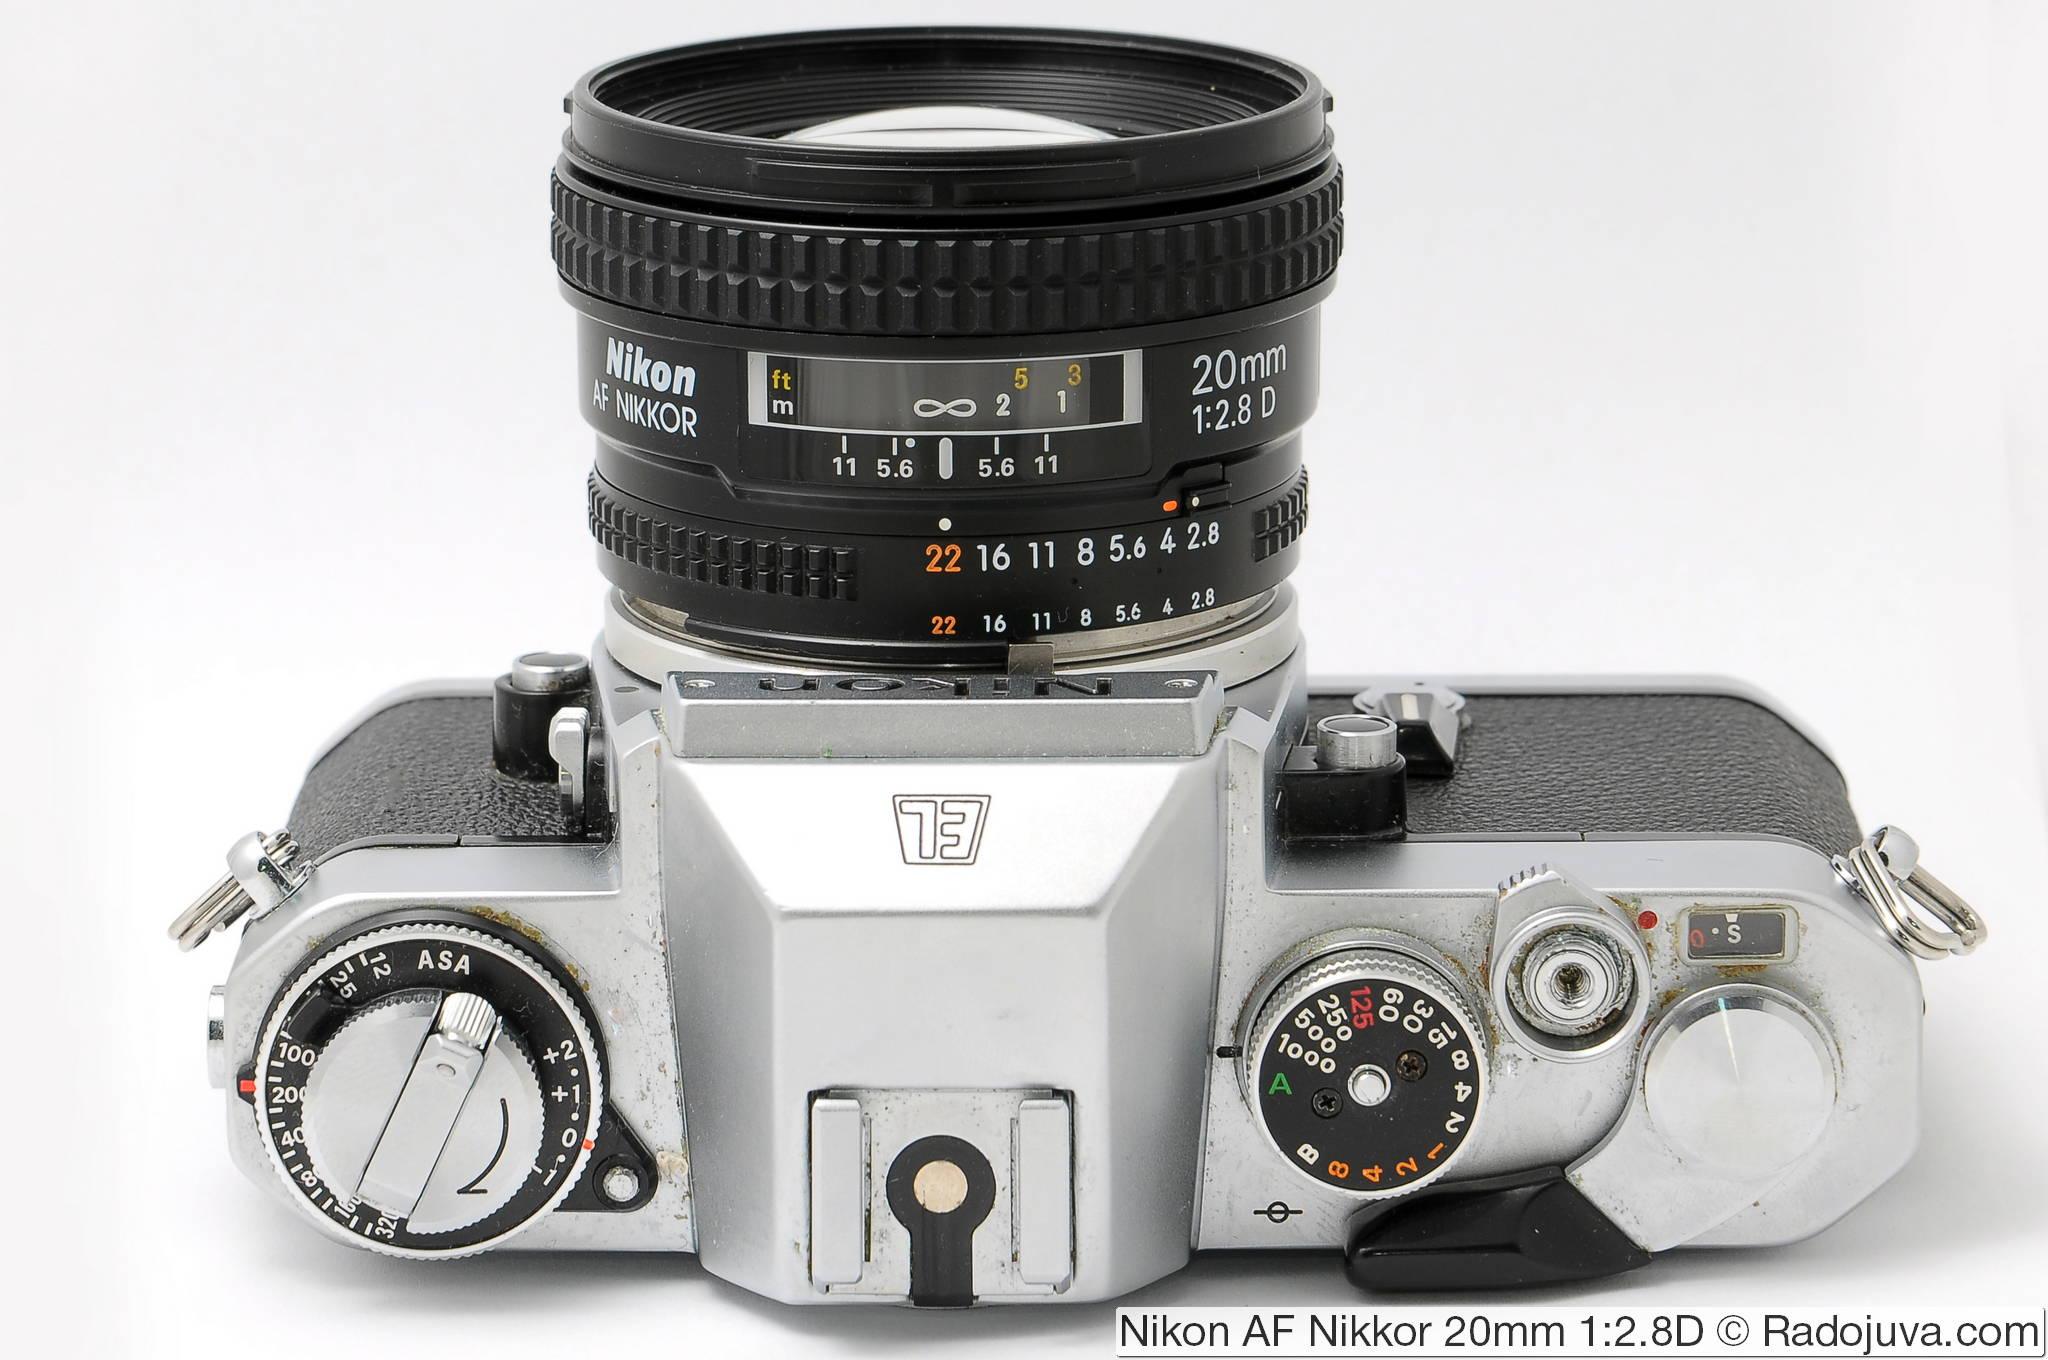 Nikon AF Nikkor 20mm 1: 2.8D on a film SLR camera